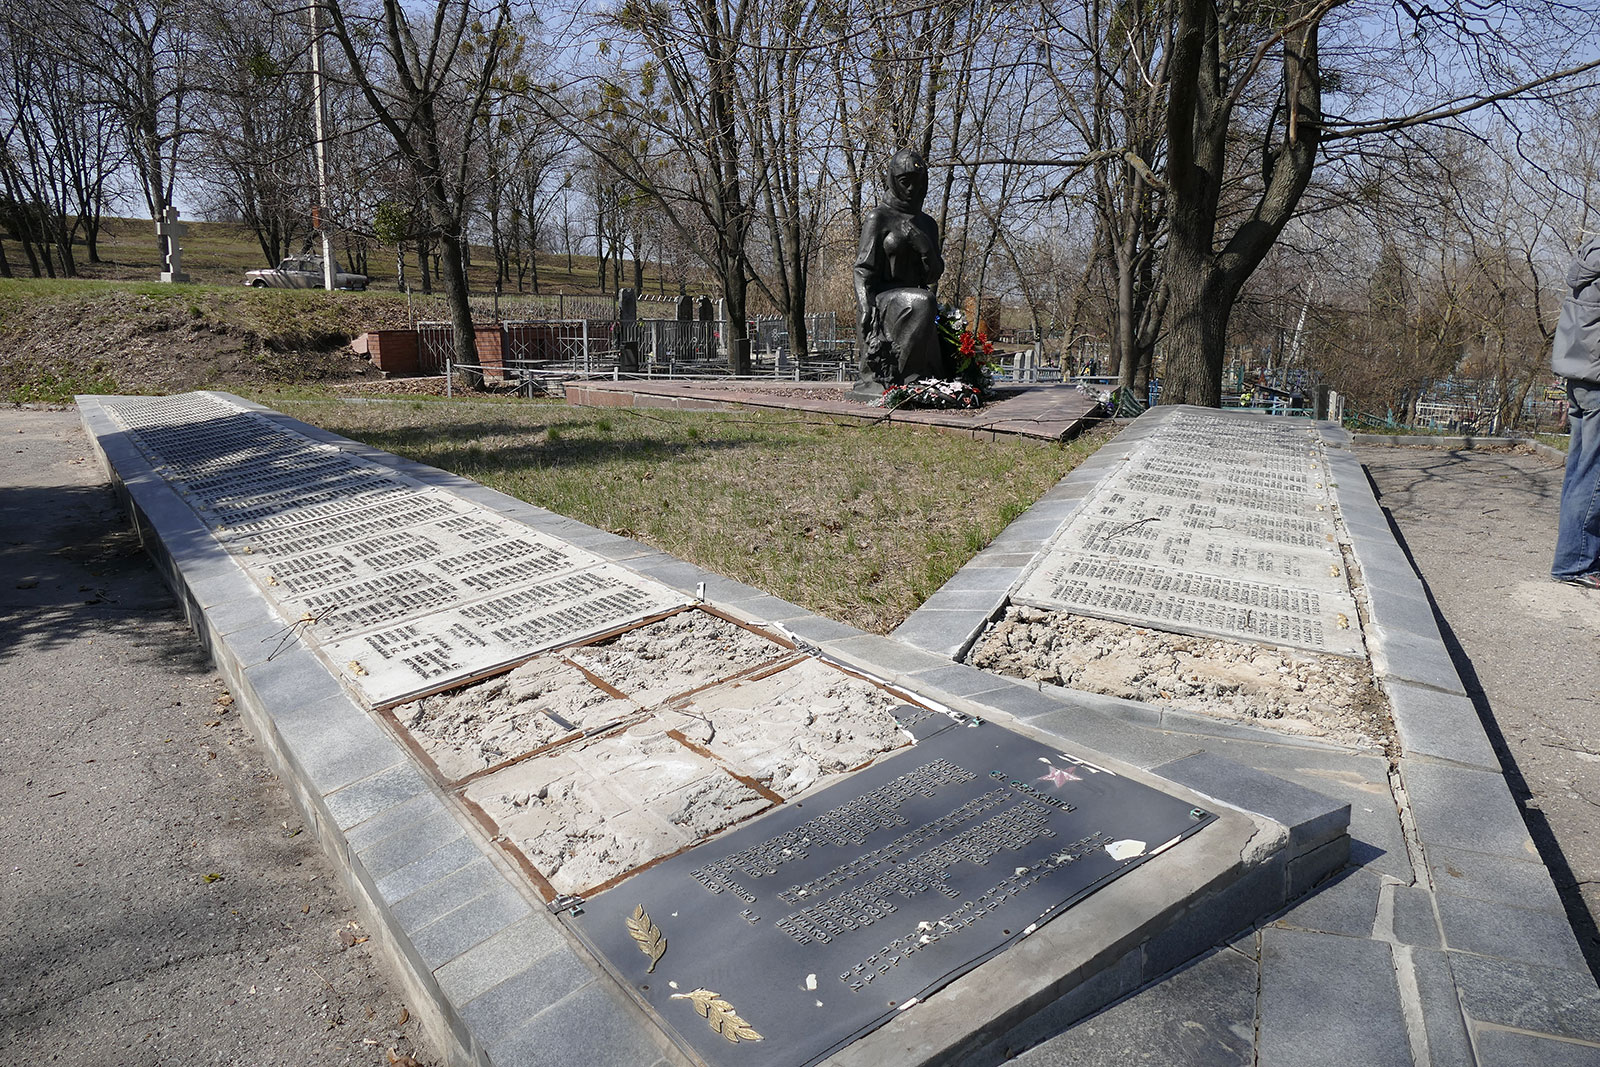 Обращаем внимание городской власти, прокуратуры и милиции Изюма на циничный факт вандализма памятника «Скорбящая Мать»!